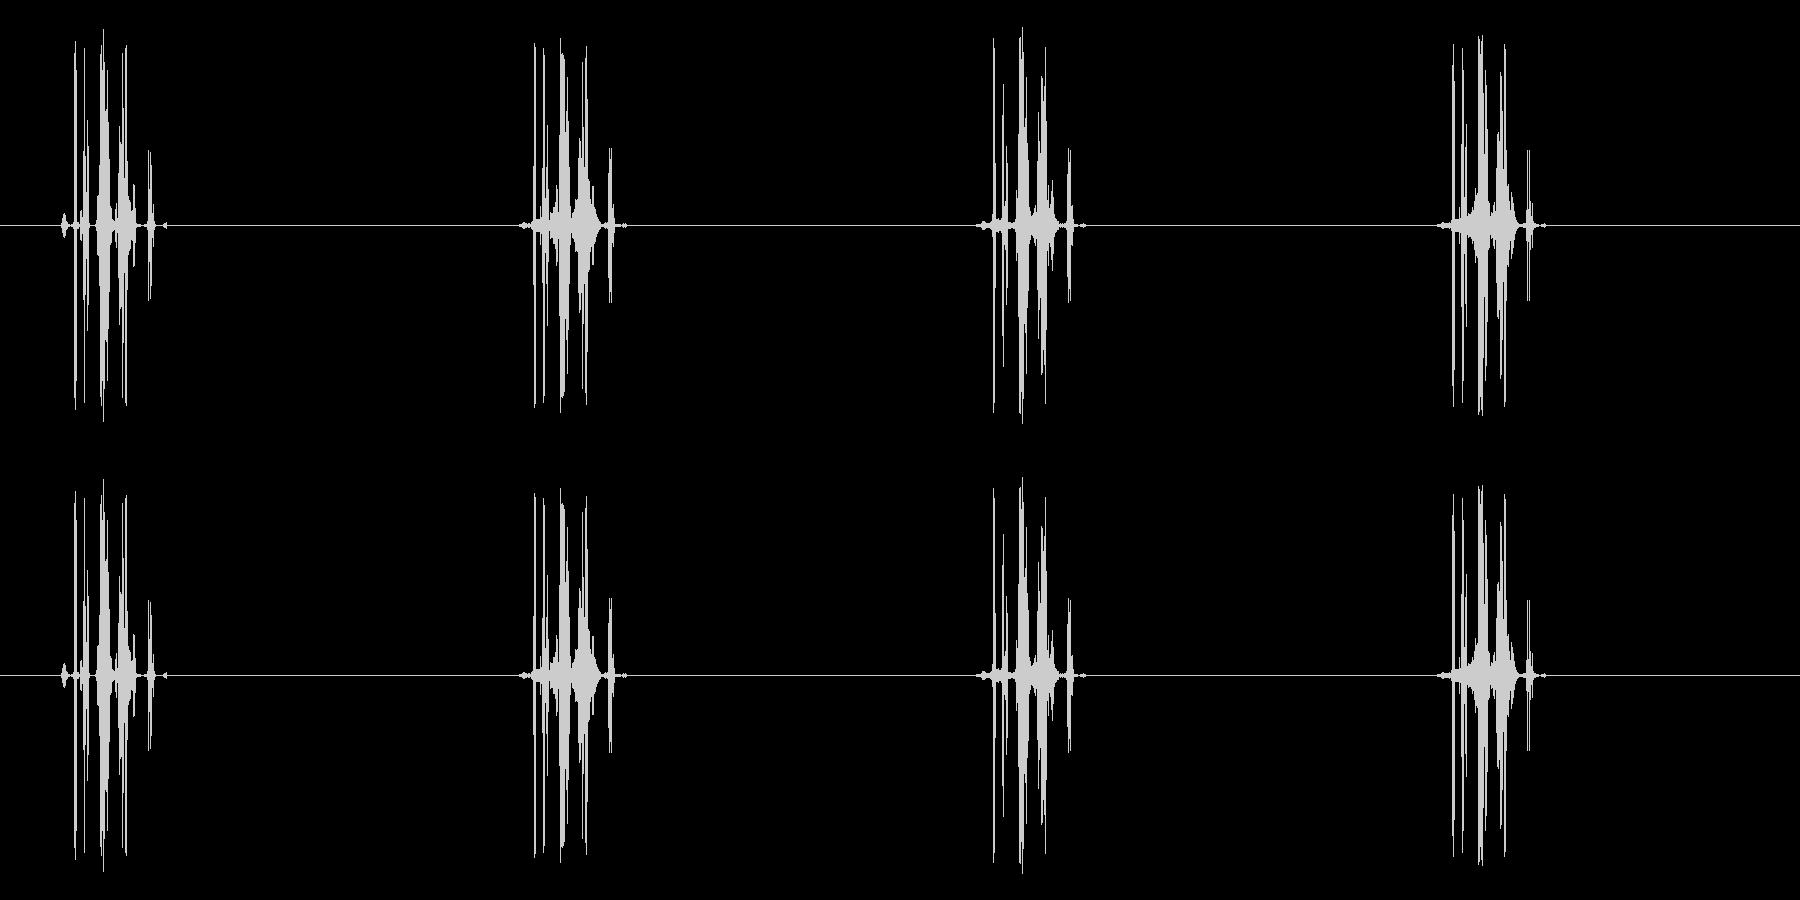 吸う/ジュッ/ゴクッ/吸血_ループ可の未再生の波形